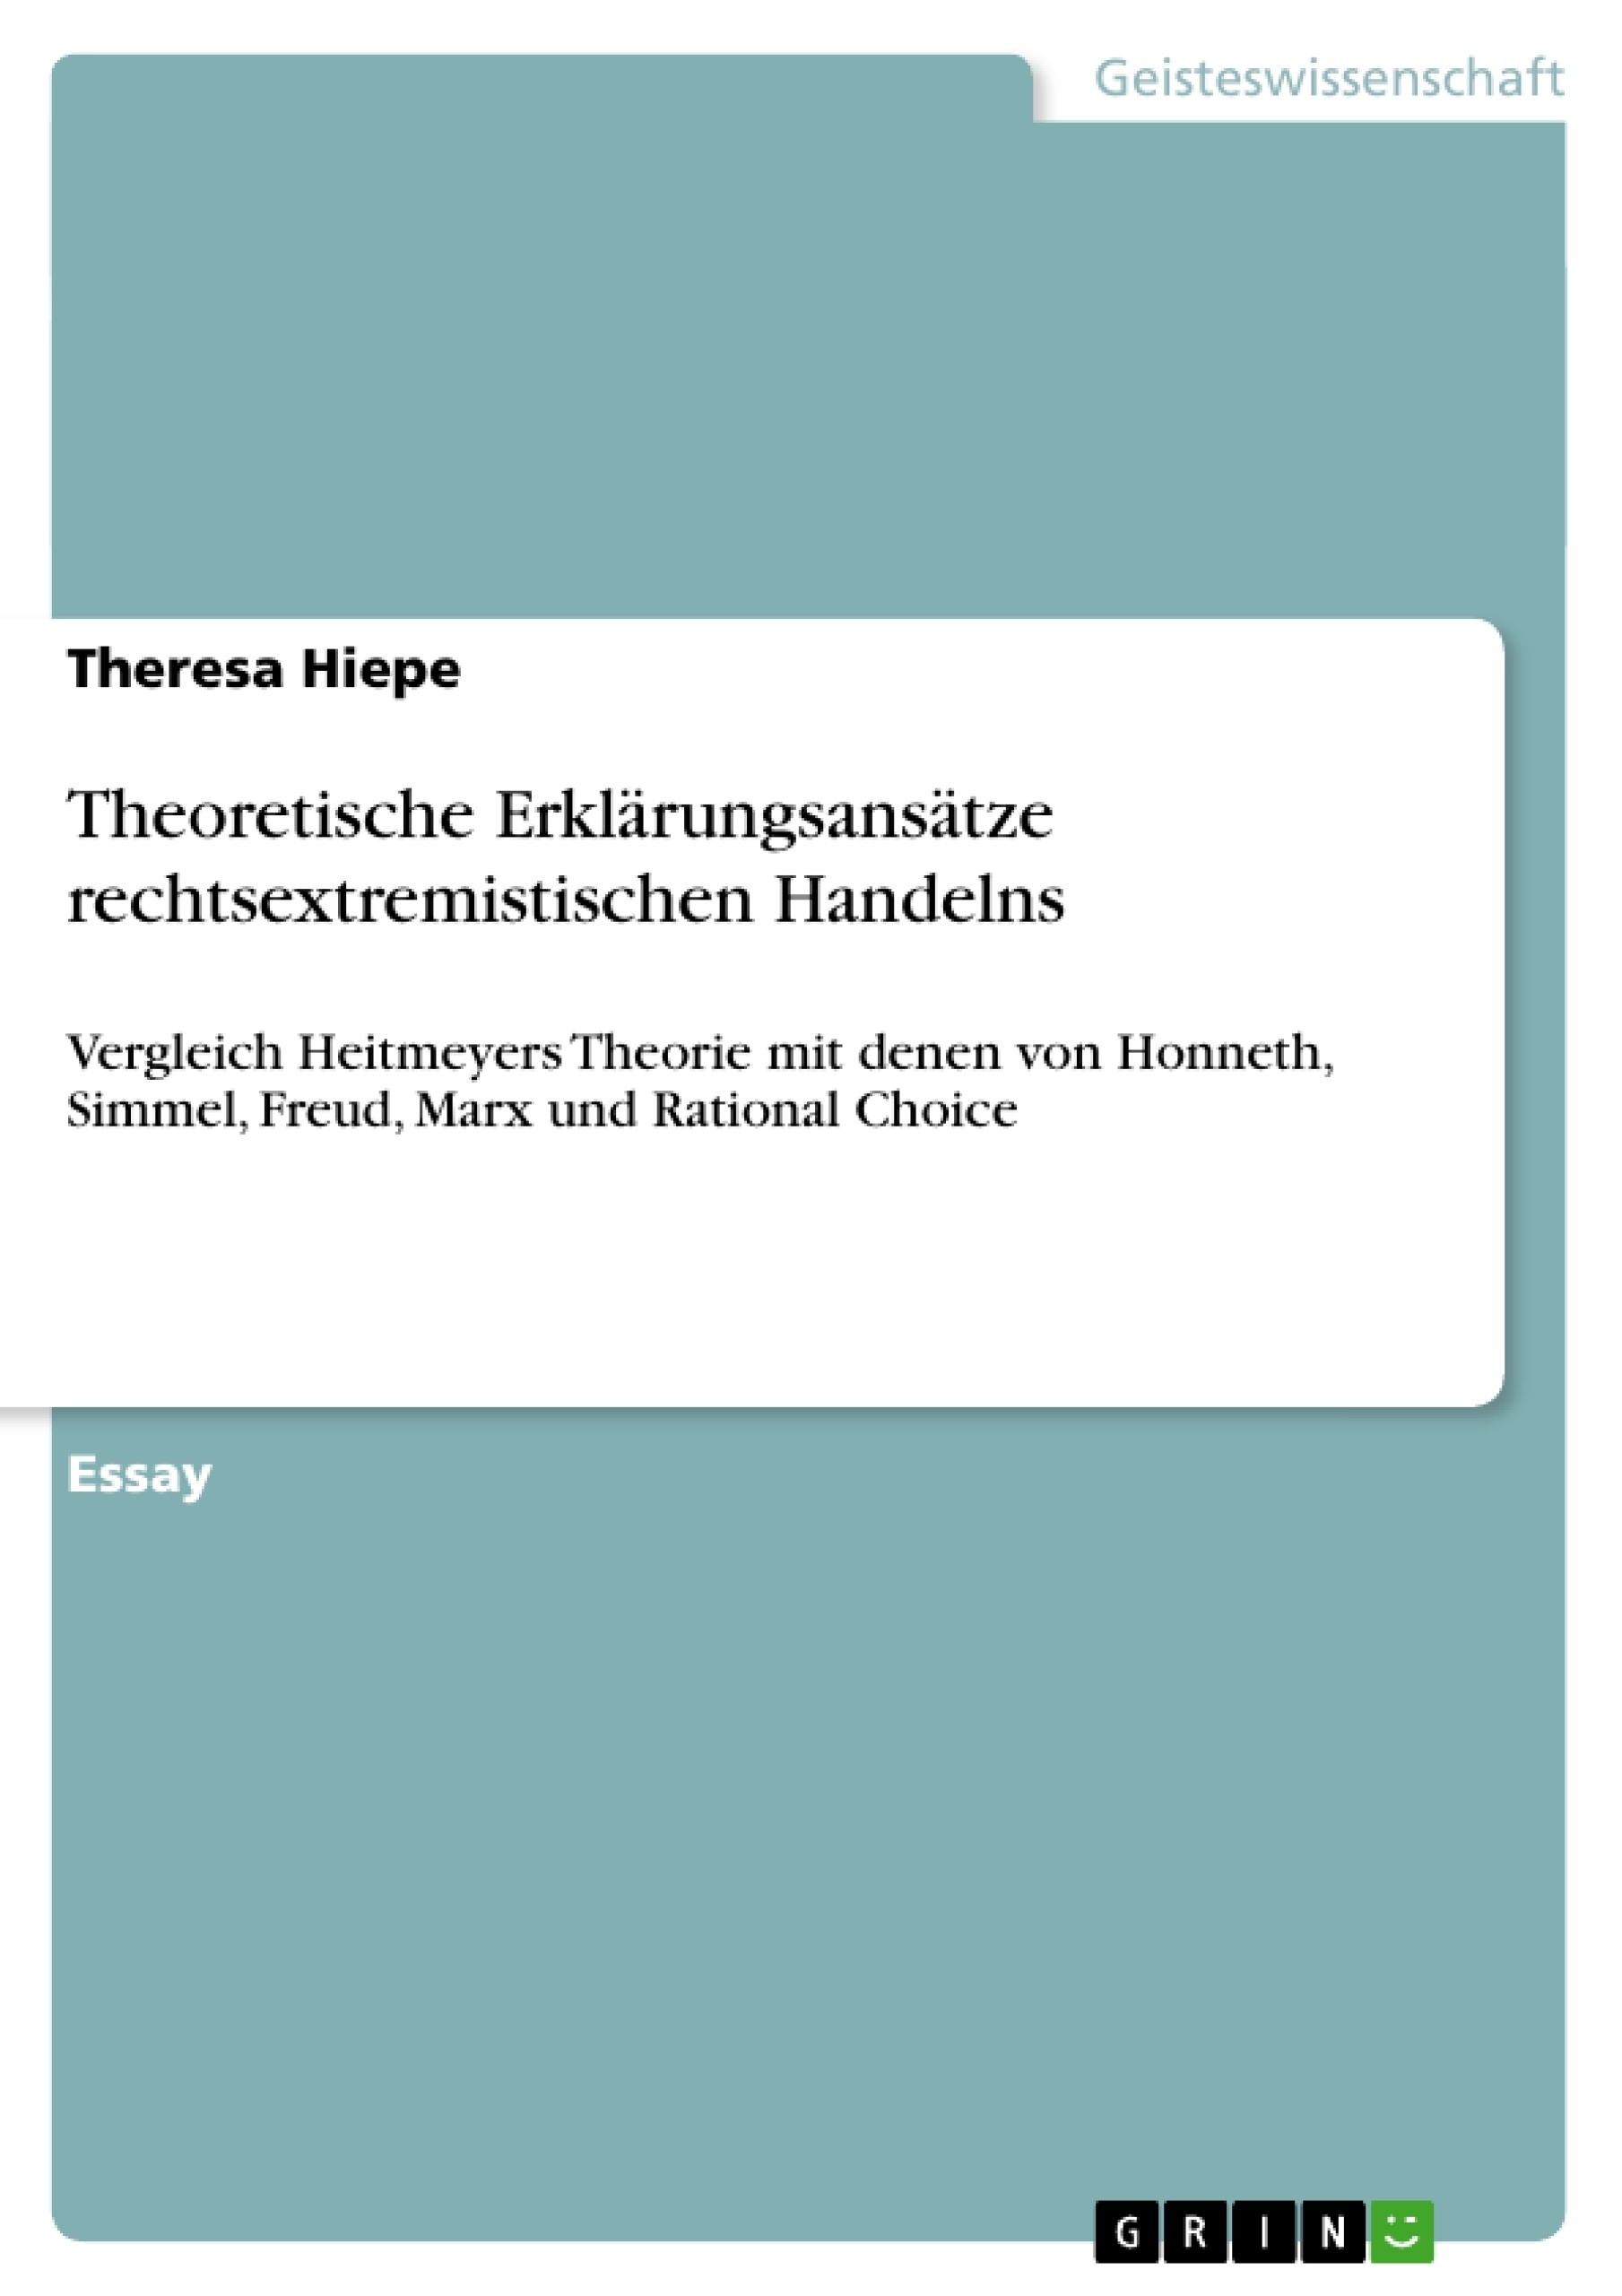 Titel: Theoretische Erklärungsansätze rechtsextremistischen Handelns